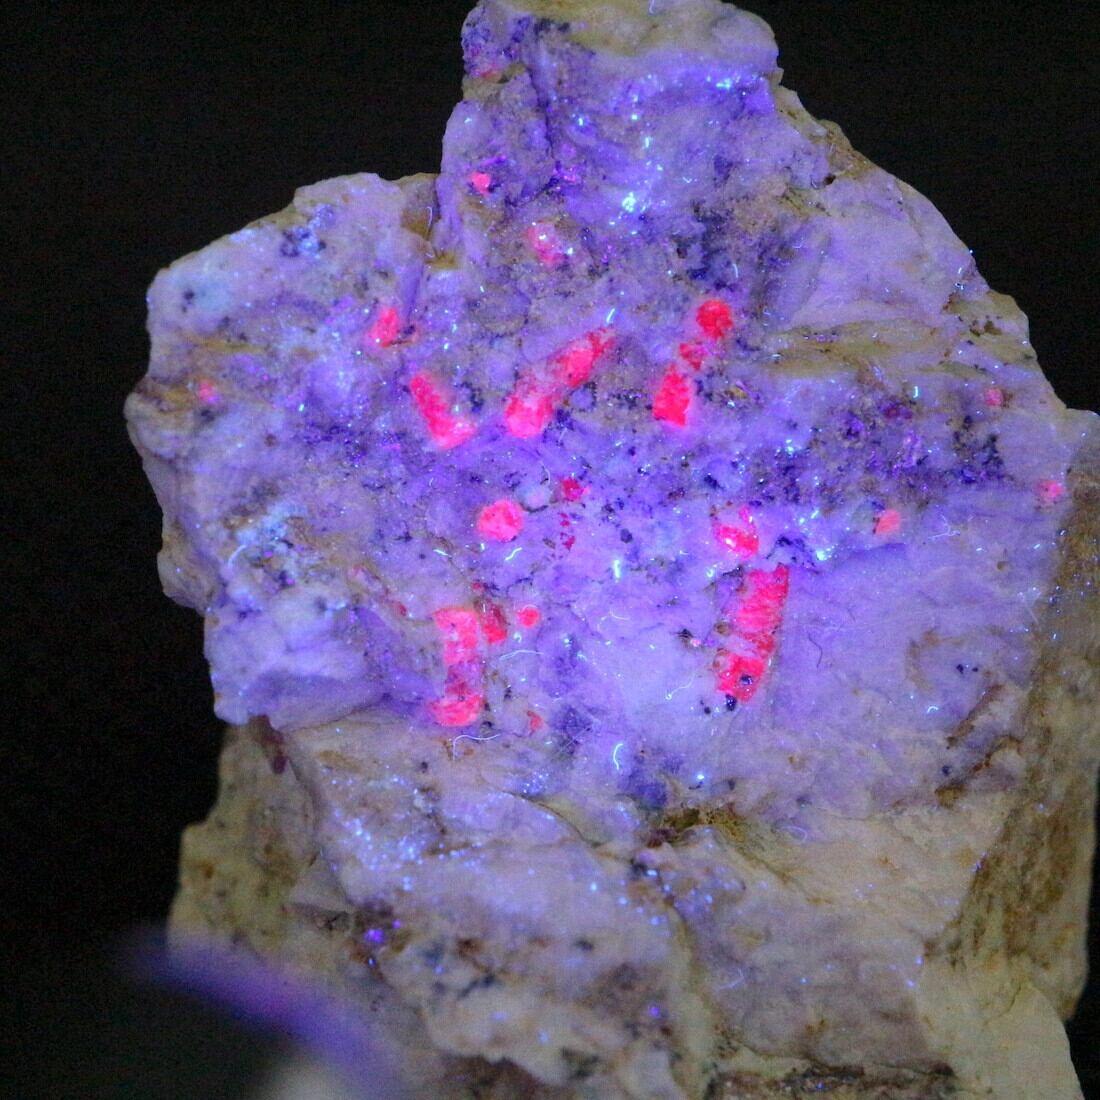 カリフォルア産 コランダム ルビー サファイア 原石  41,4g CRD050 鉱物 天然石